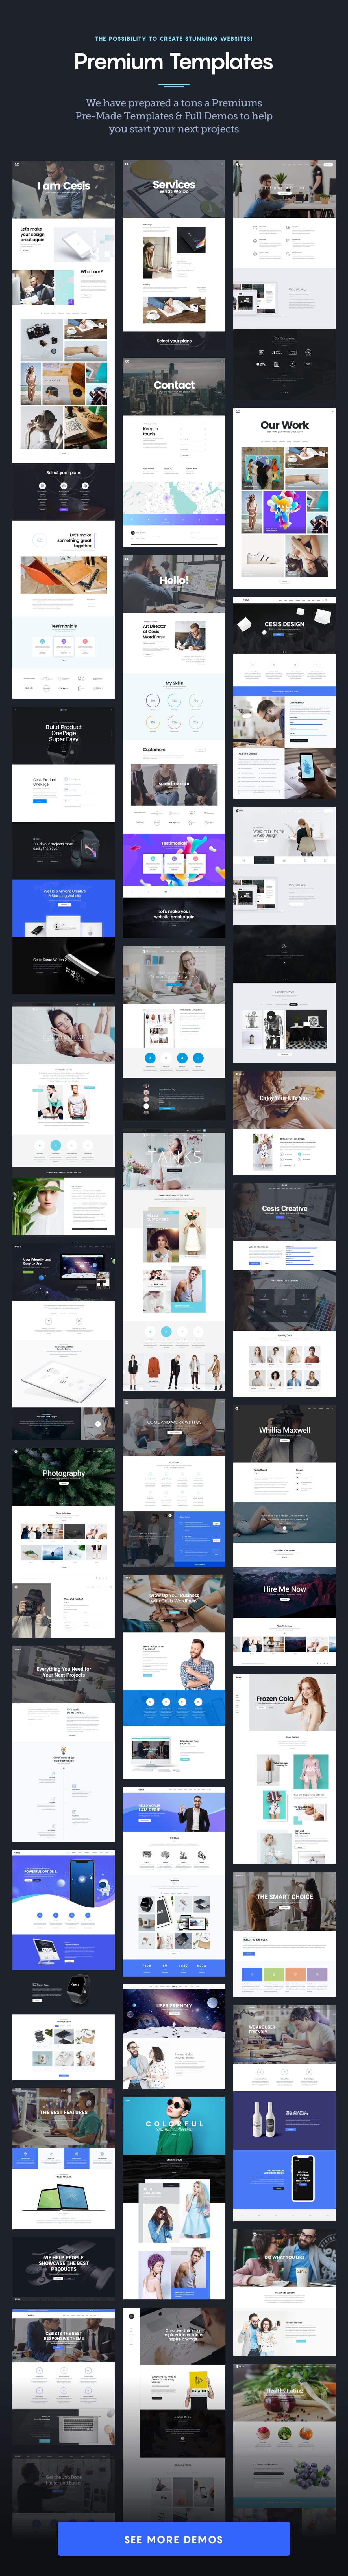 cesis beautiful premade templates - Cesis   Responsive Multi-Purpose WordPress Theme